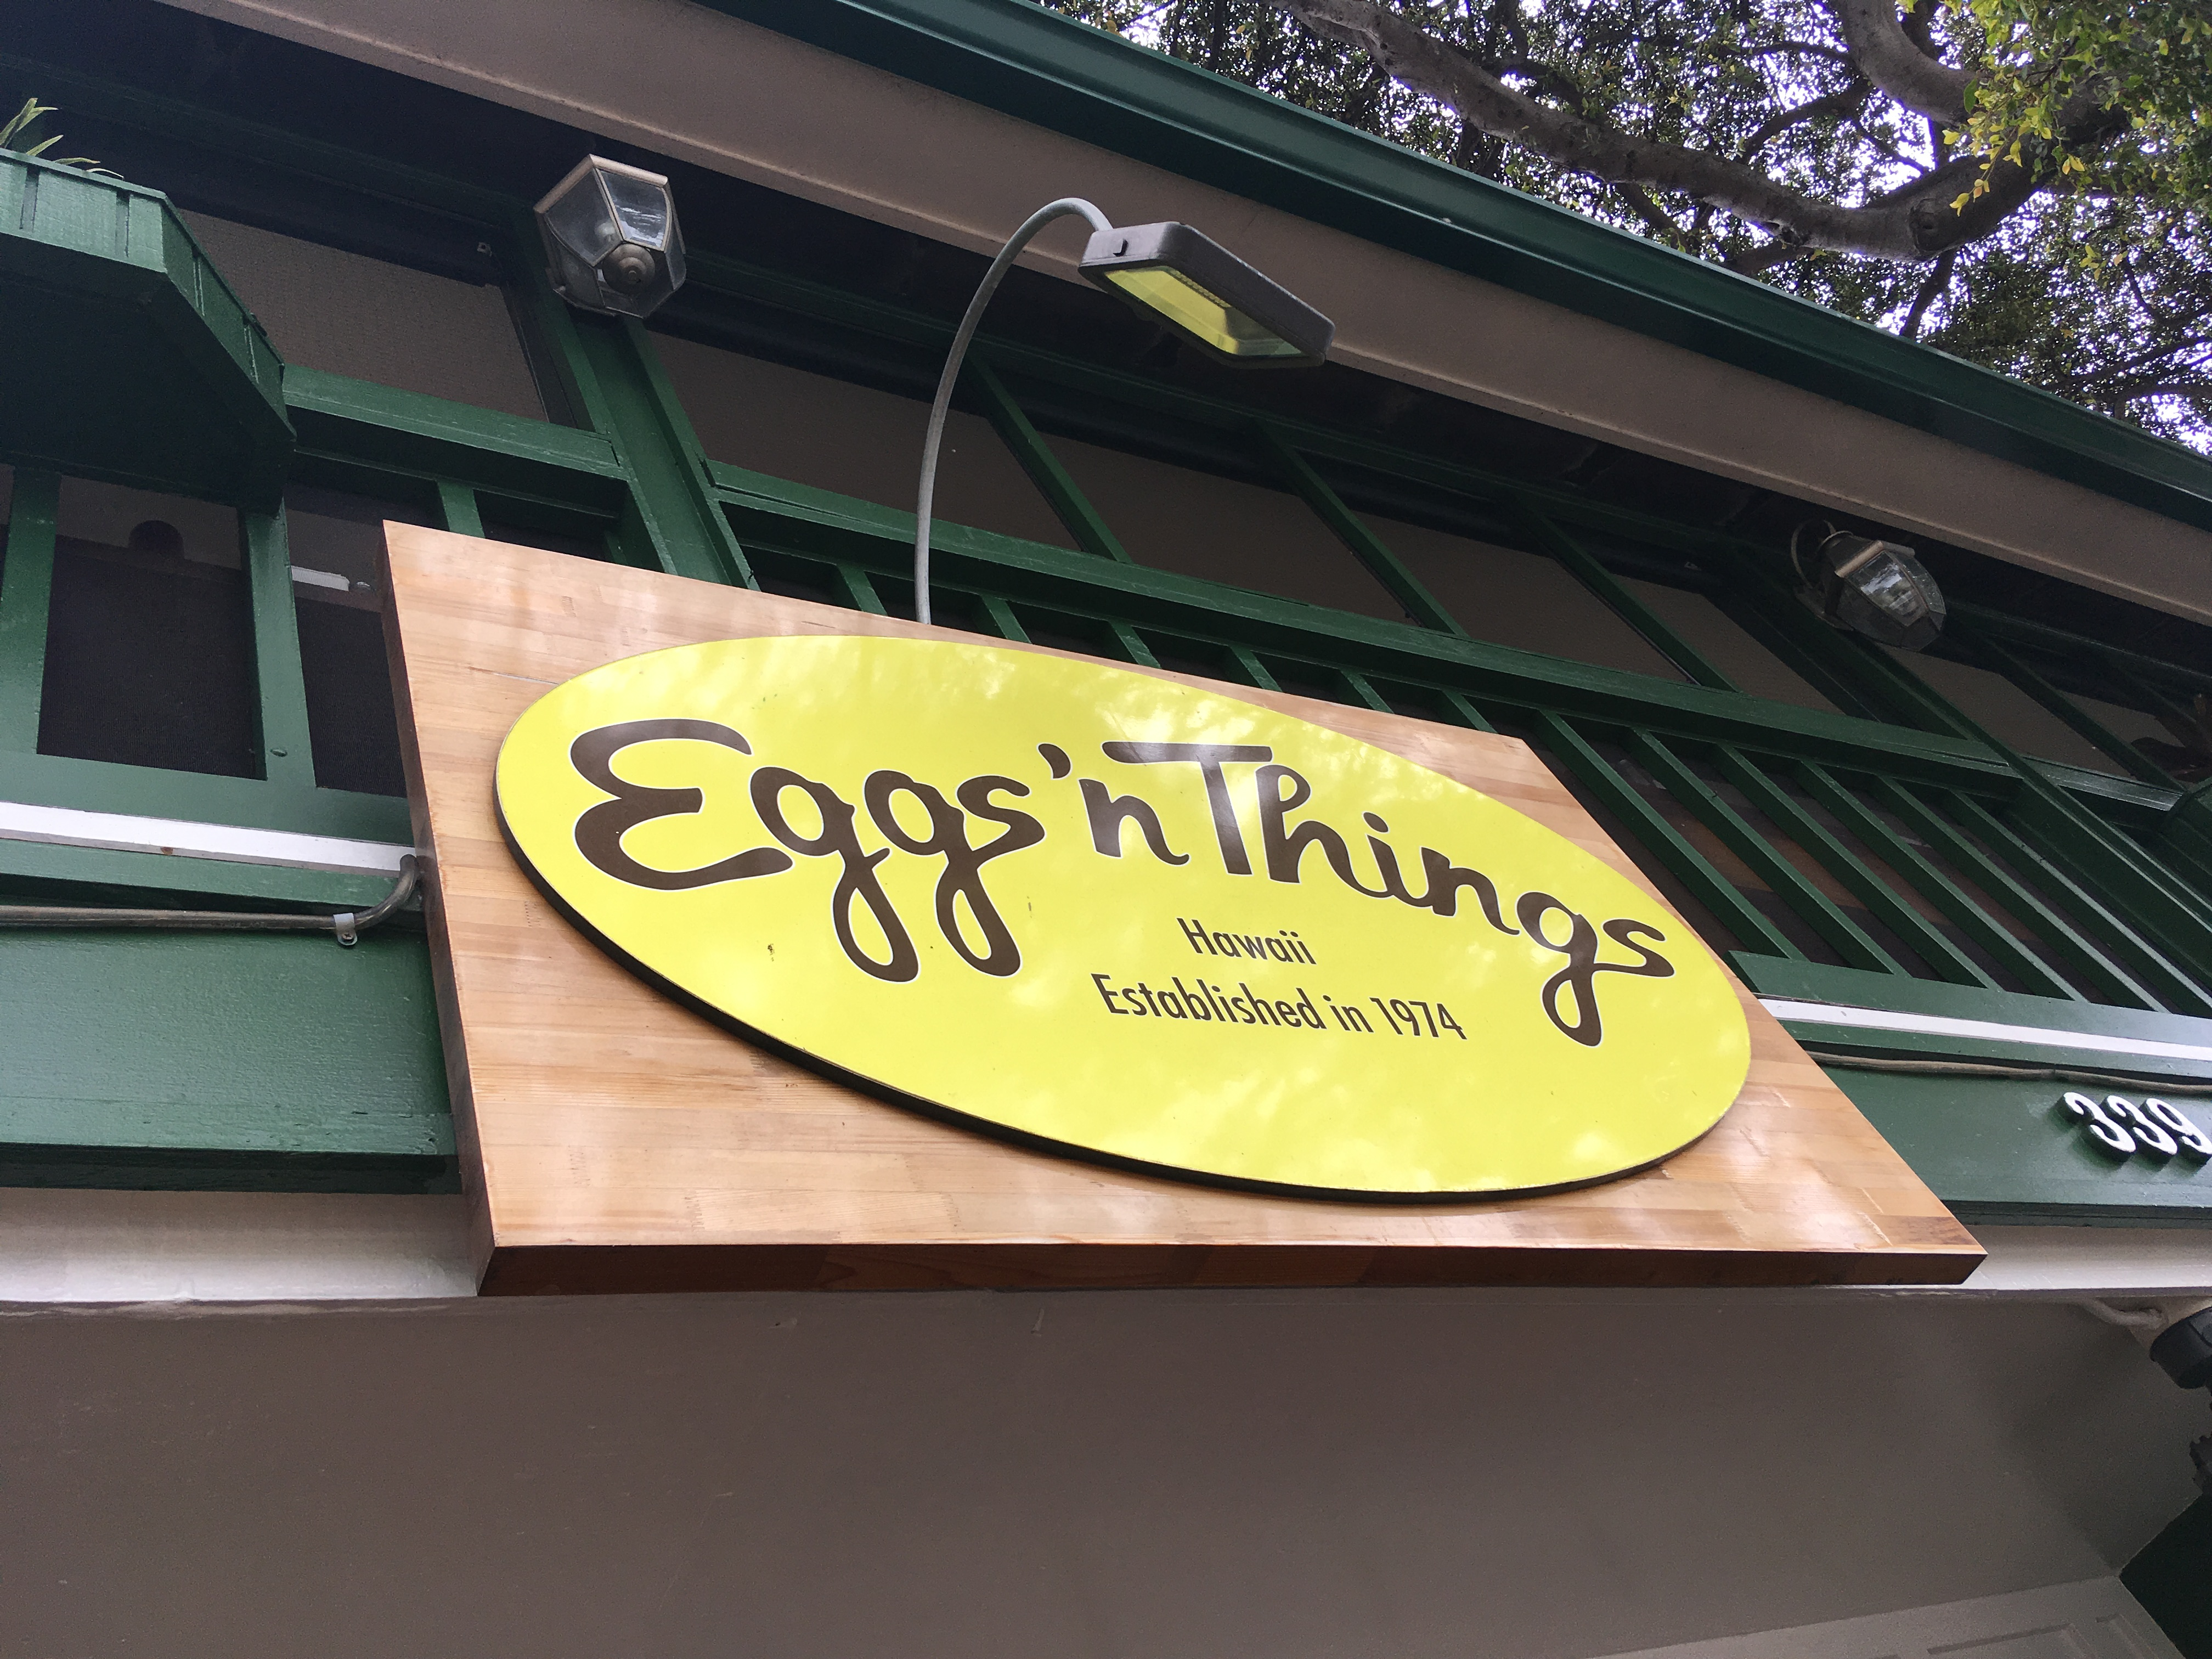 エッグスンシングス(Eggs 'n Things)